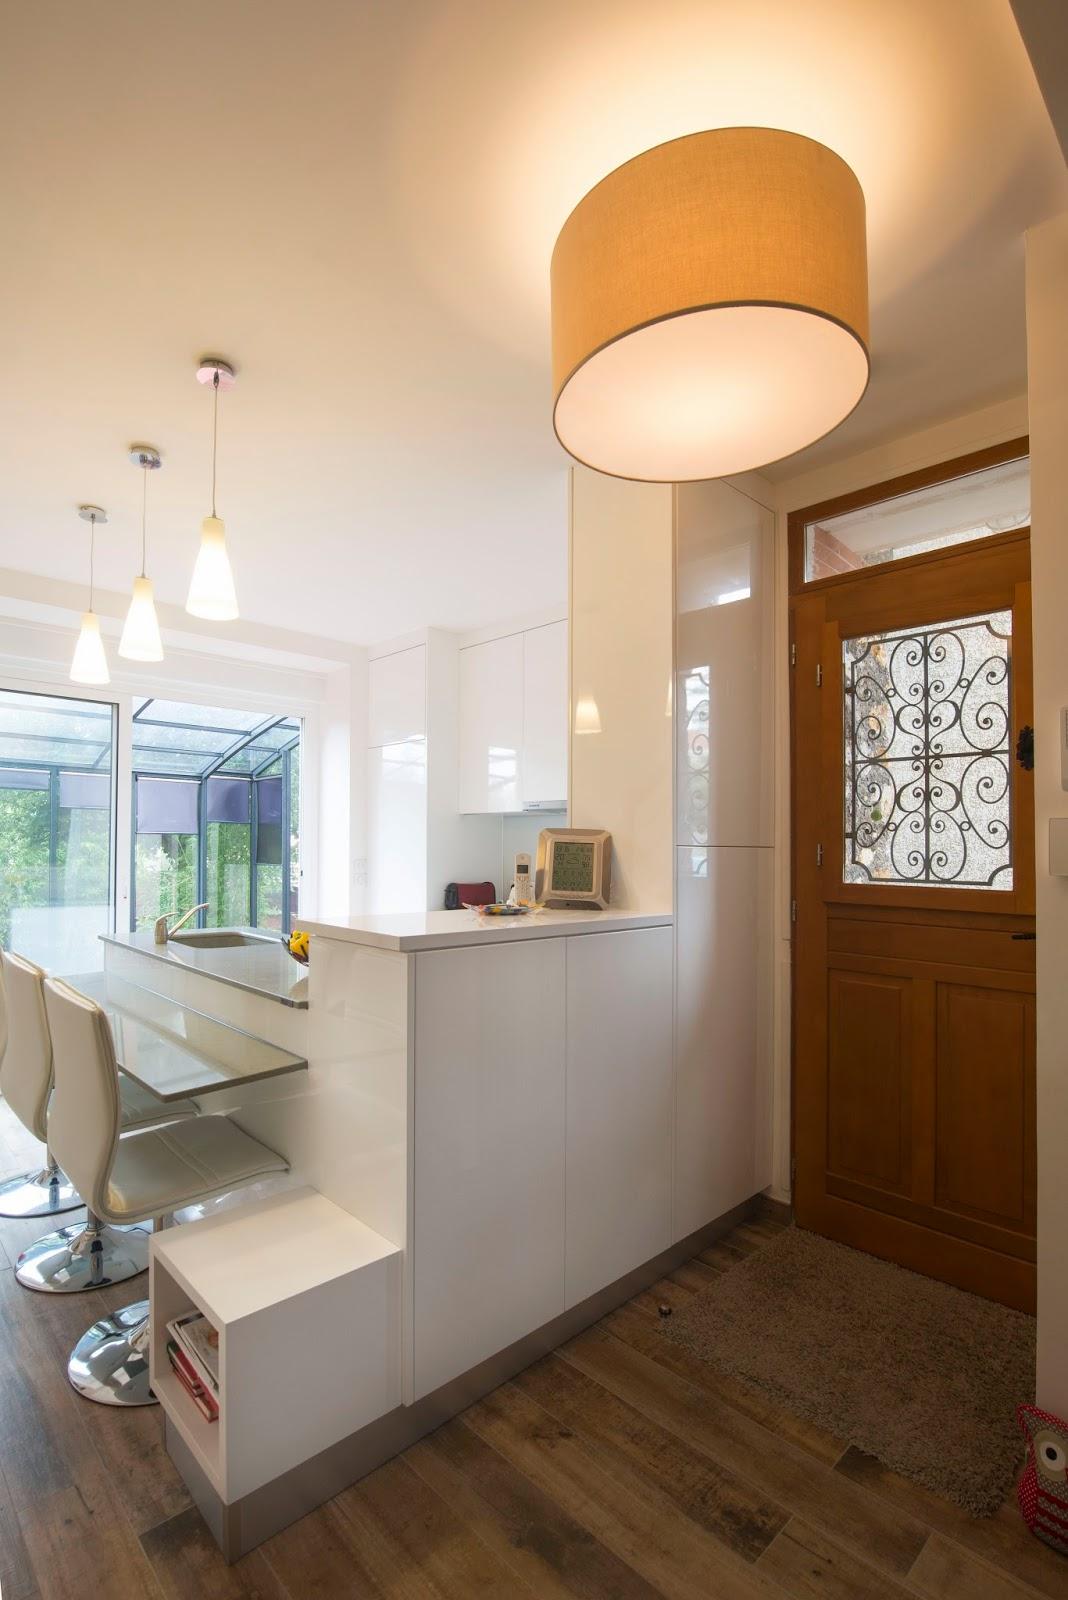 Aménagement maison : comment optimiser vos petits espaces ?